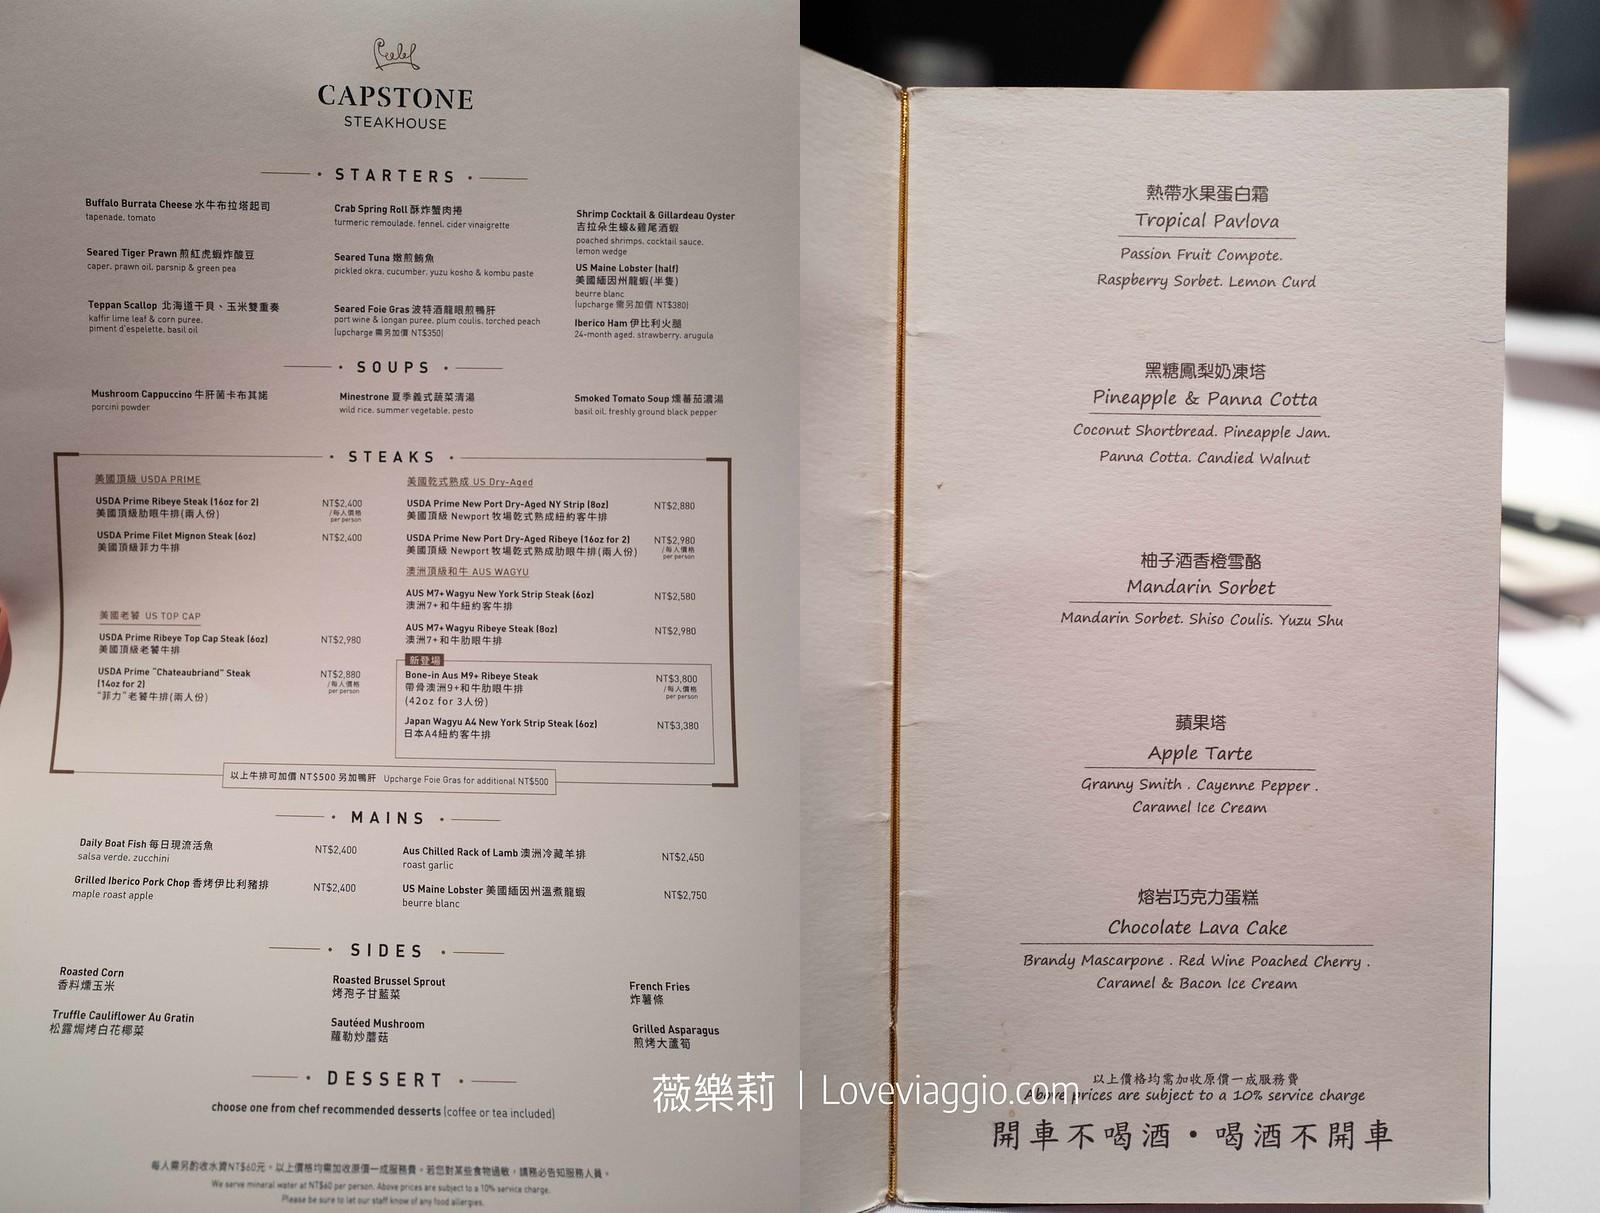 【高雄 Kaohsiung】教父牛排Capstone Steakhouse H2O水京棧國際酒店 浪漫約會米其林美食 @薇樂莉 Love Viaggio | 旅行.生活.攝影